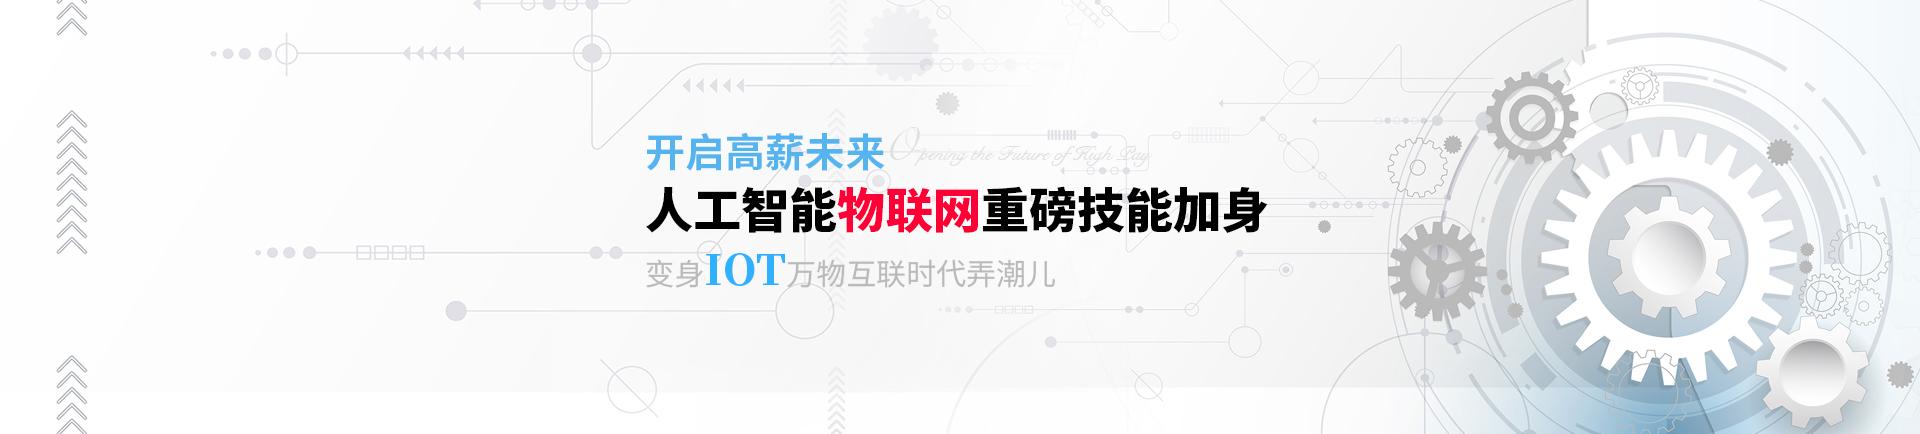 人工智能物�网�磅技能加身 �身IOT万物互�时代弄潮儿-hangzhou